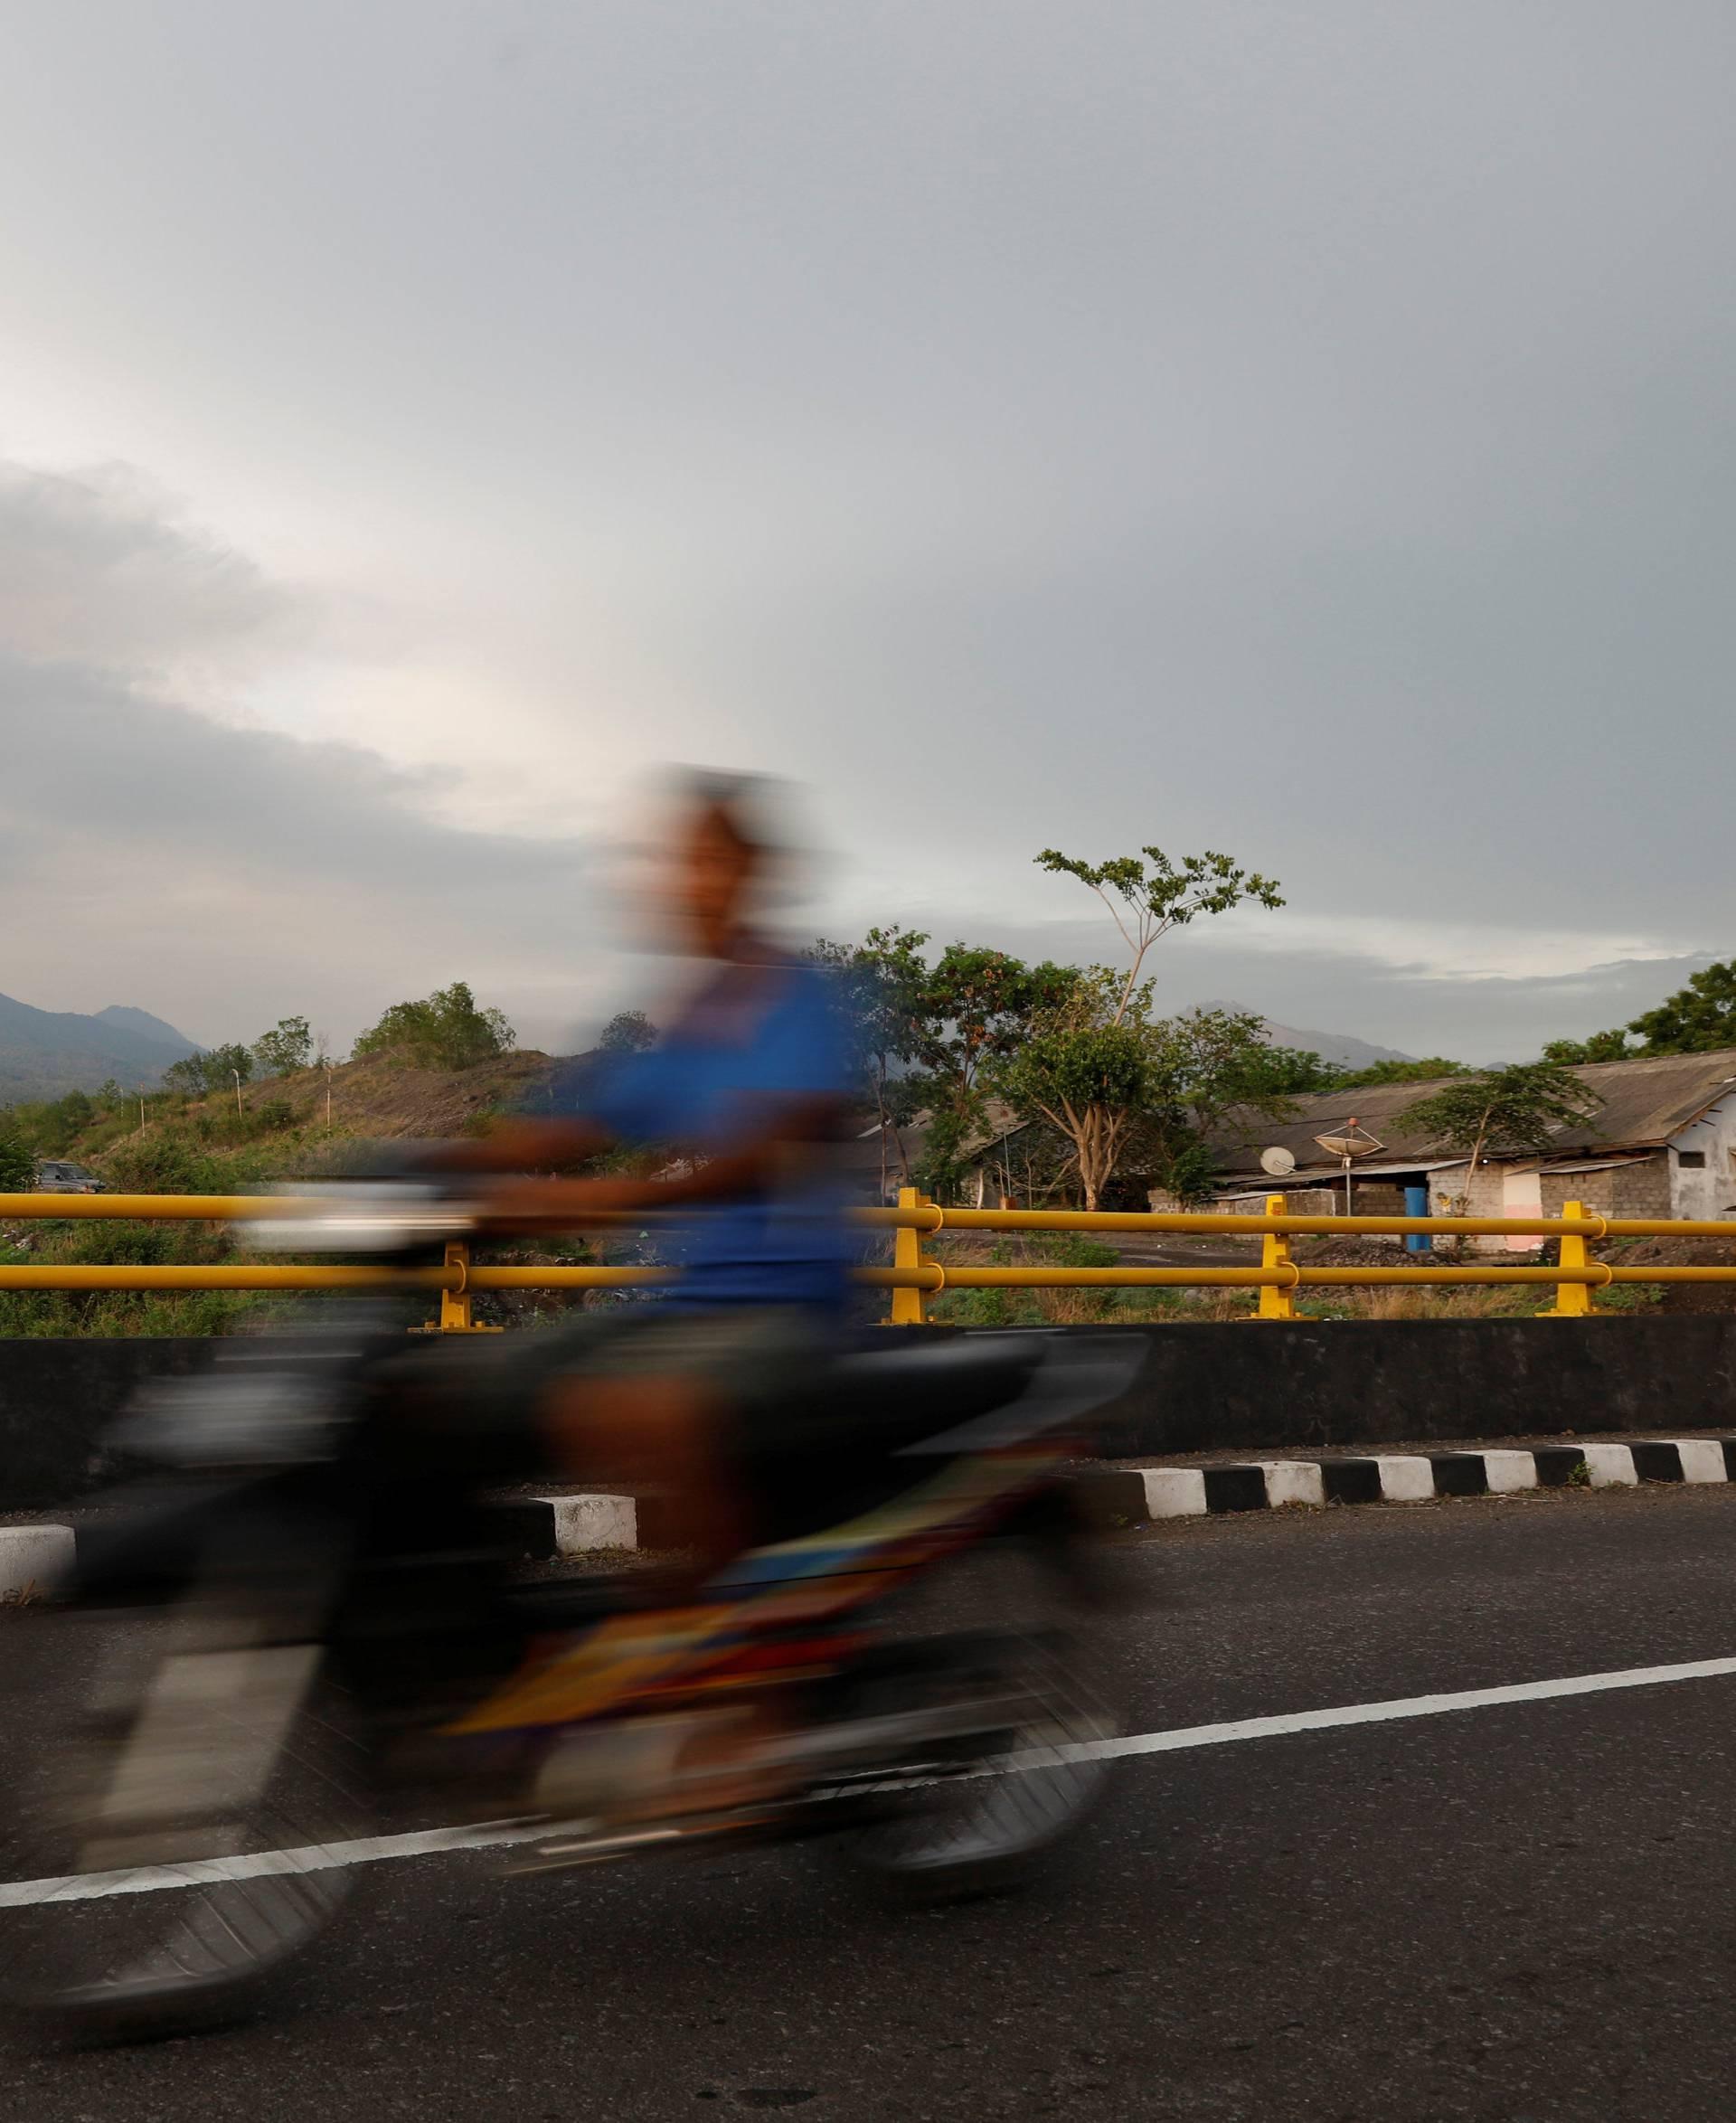 A motorist rides across a bridge as Mount Agung volcano erupts near Kubu in Bali